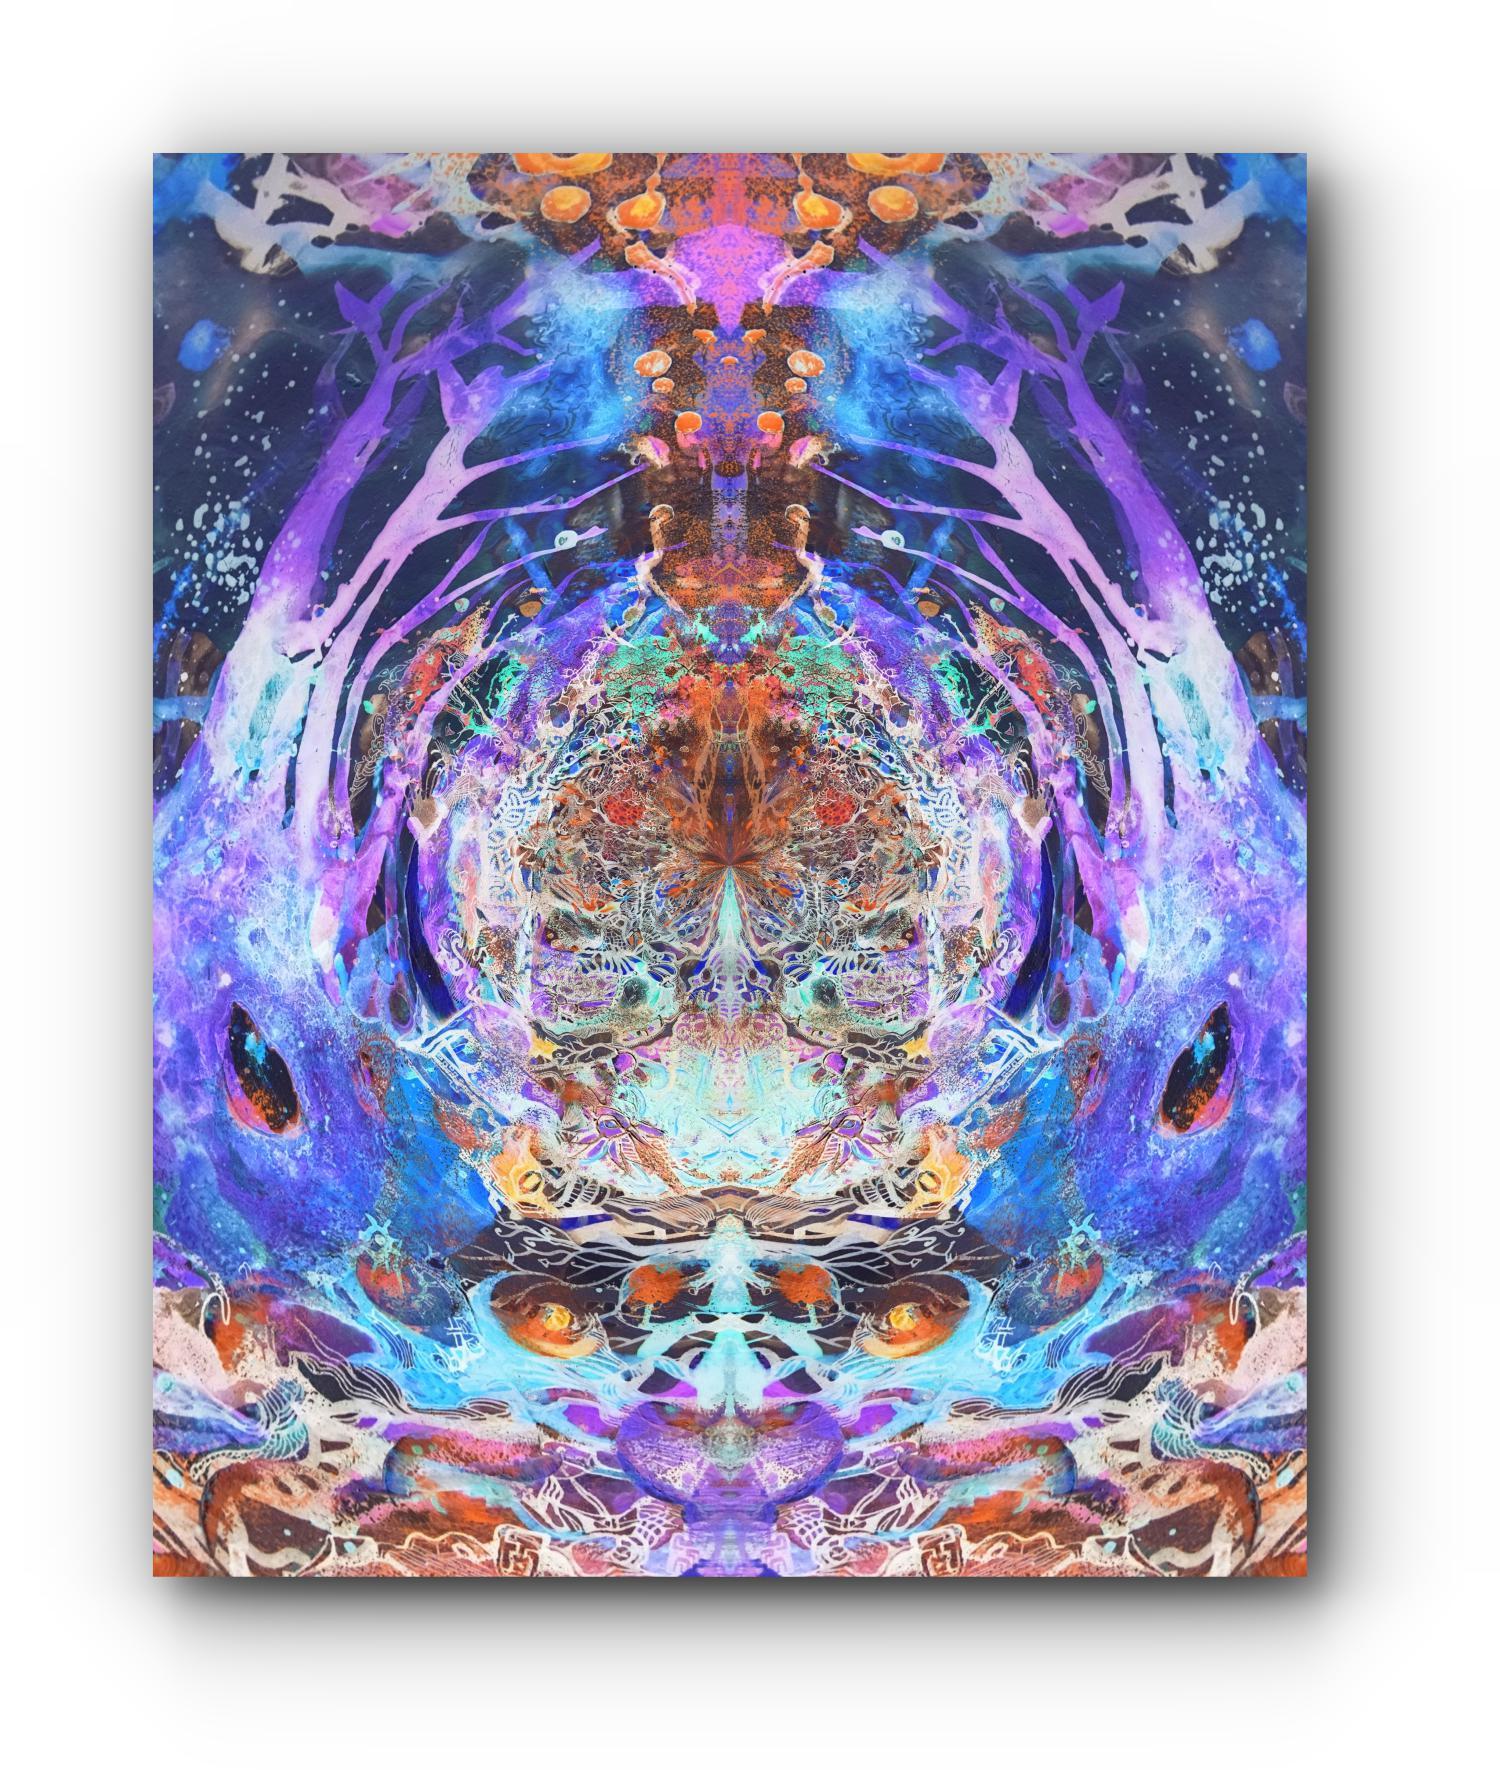 digital-art-forest-dreams-artist-duo-ingress-vortices.jpg